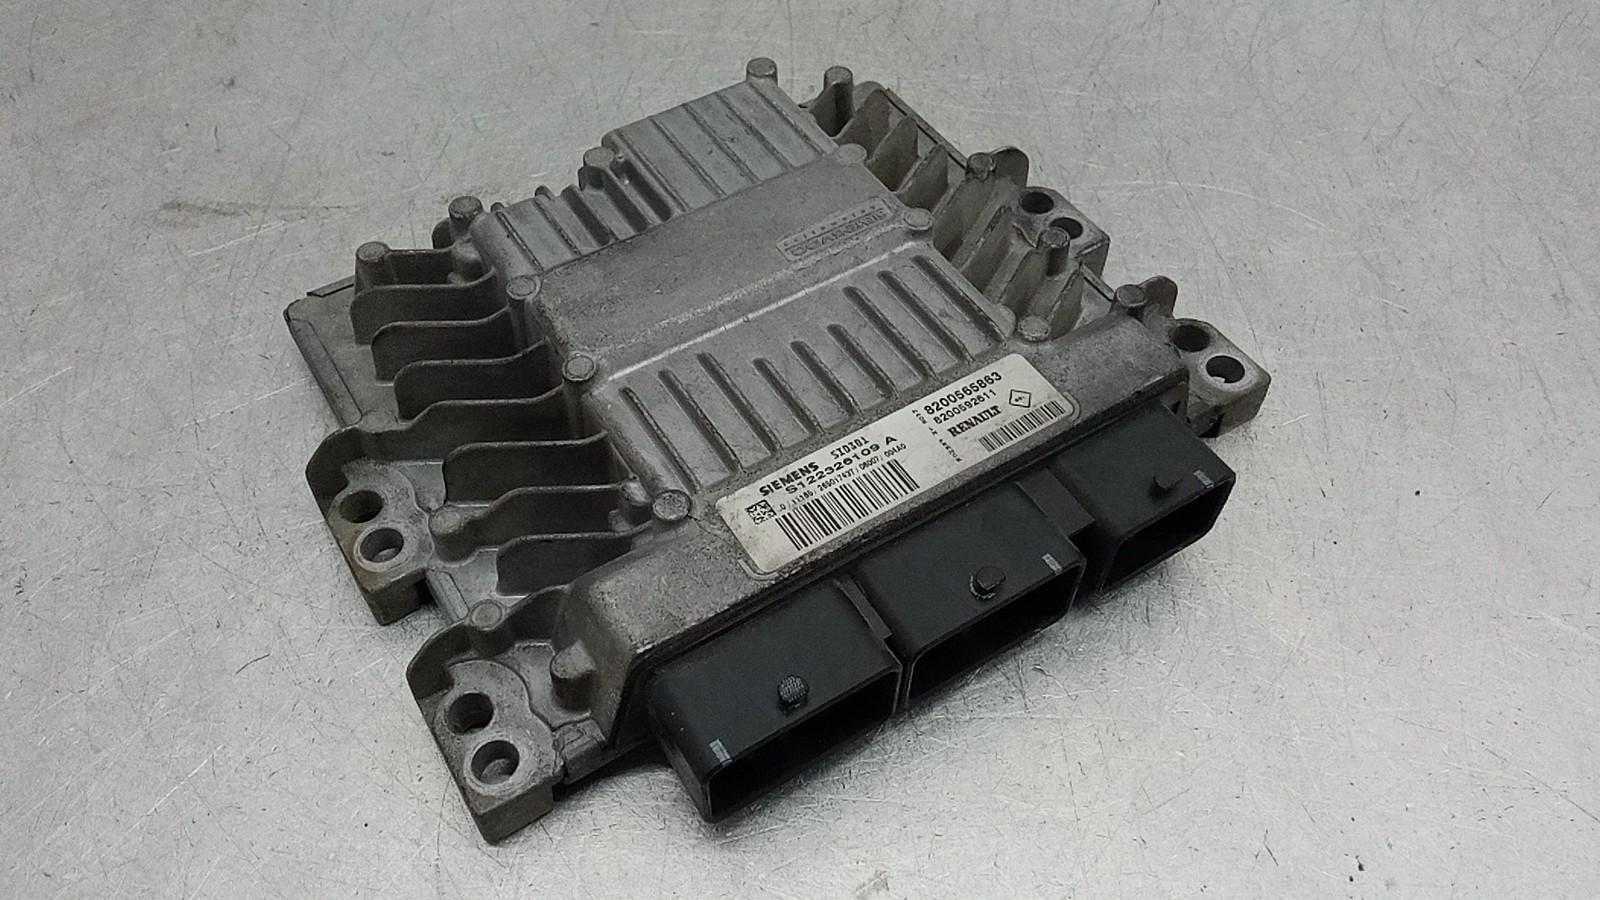 Centralina do Motor (20410271).